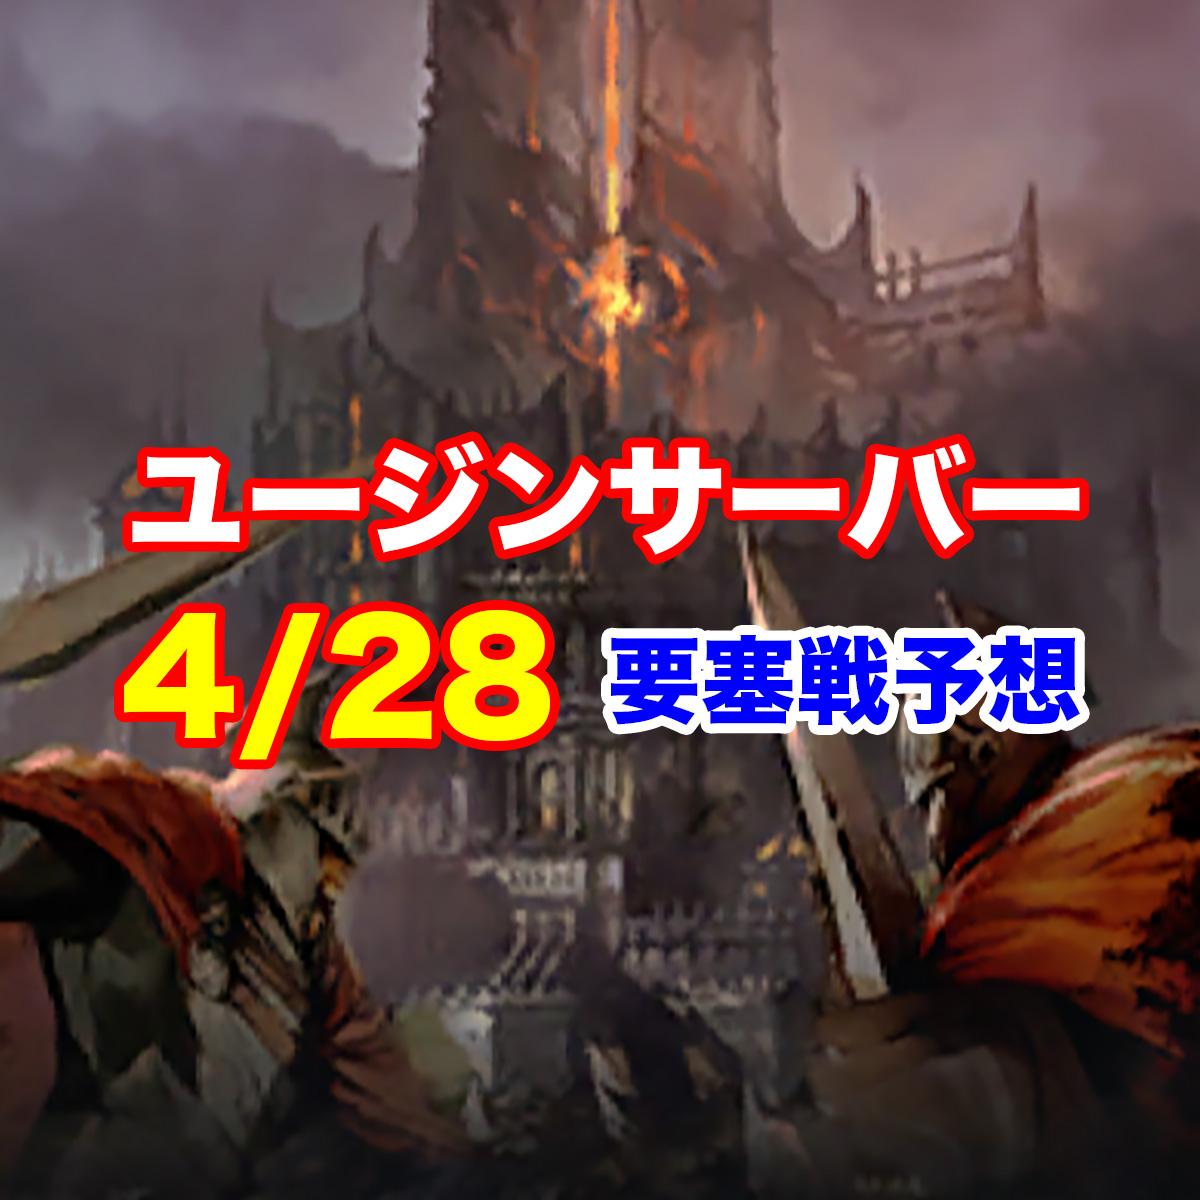 4/28 要塞戦予想